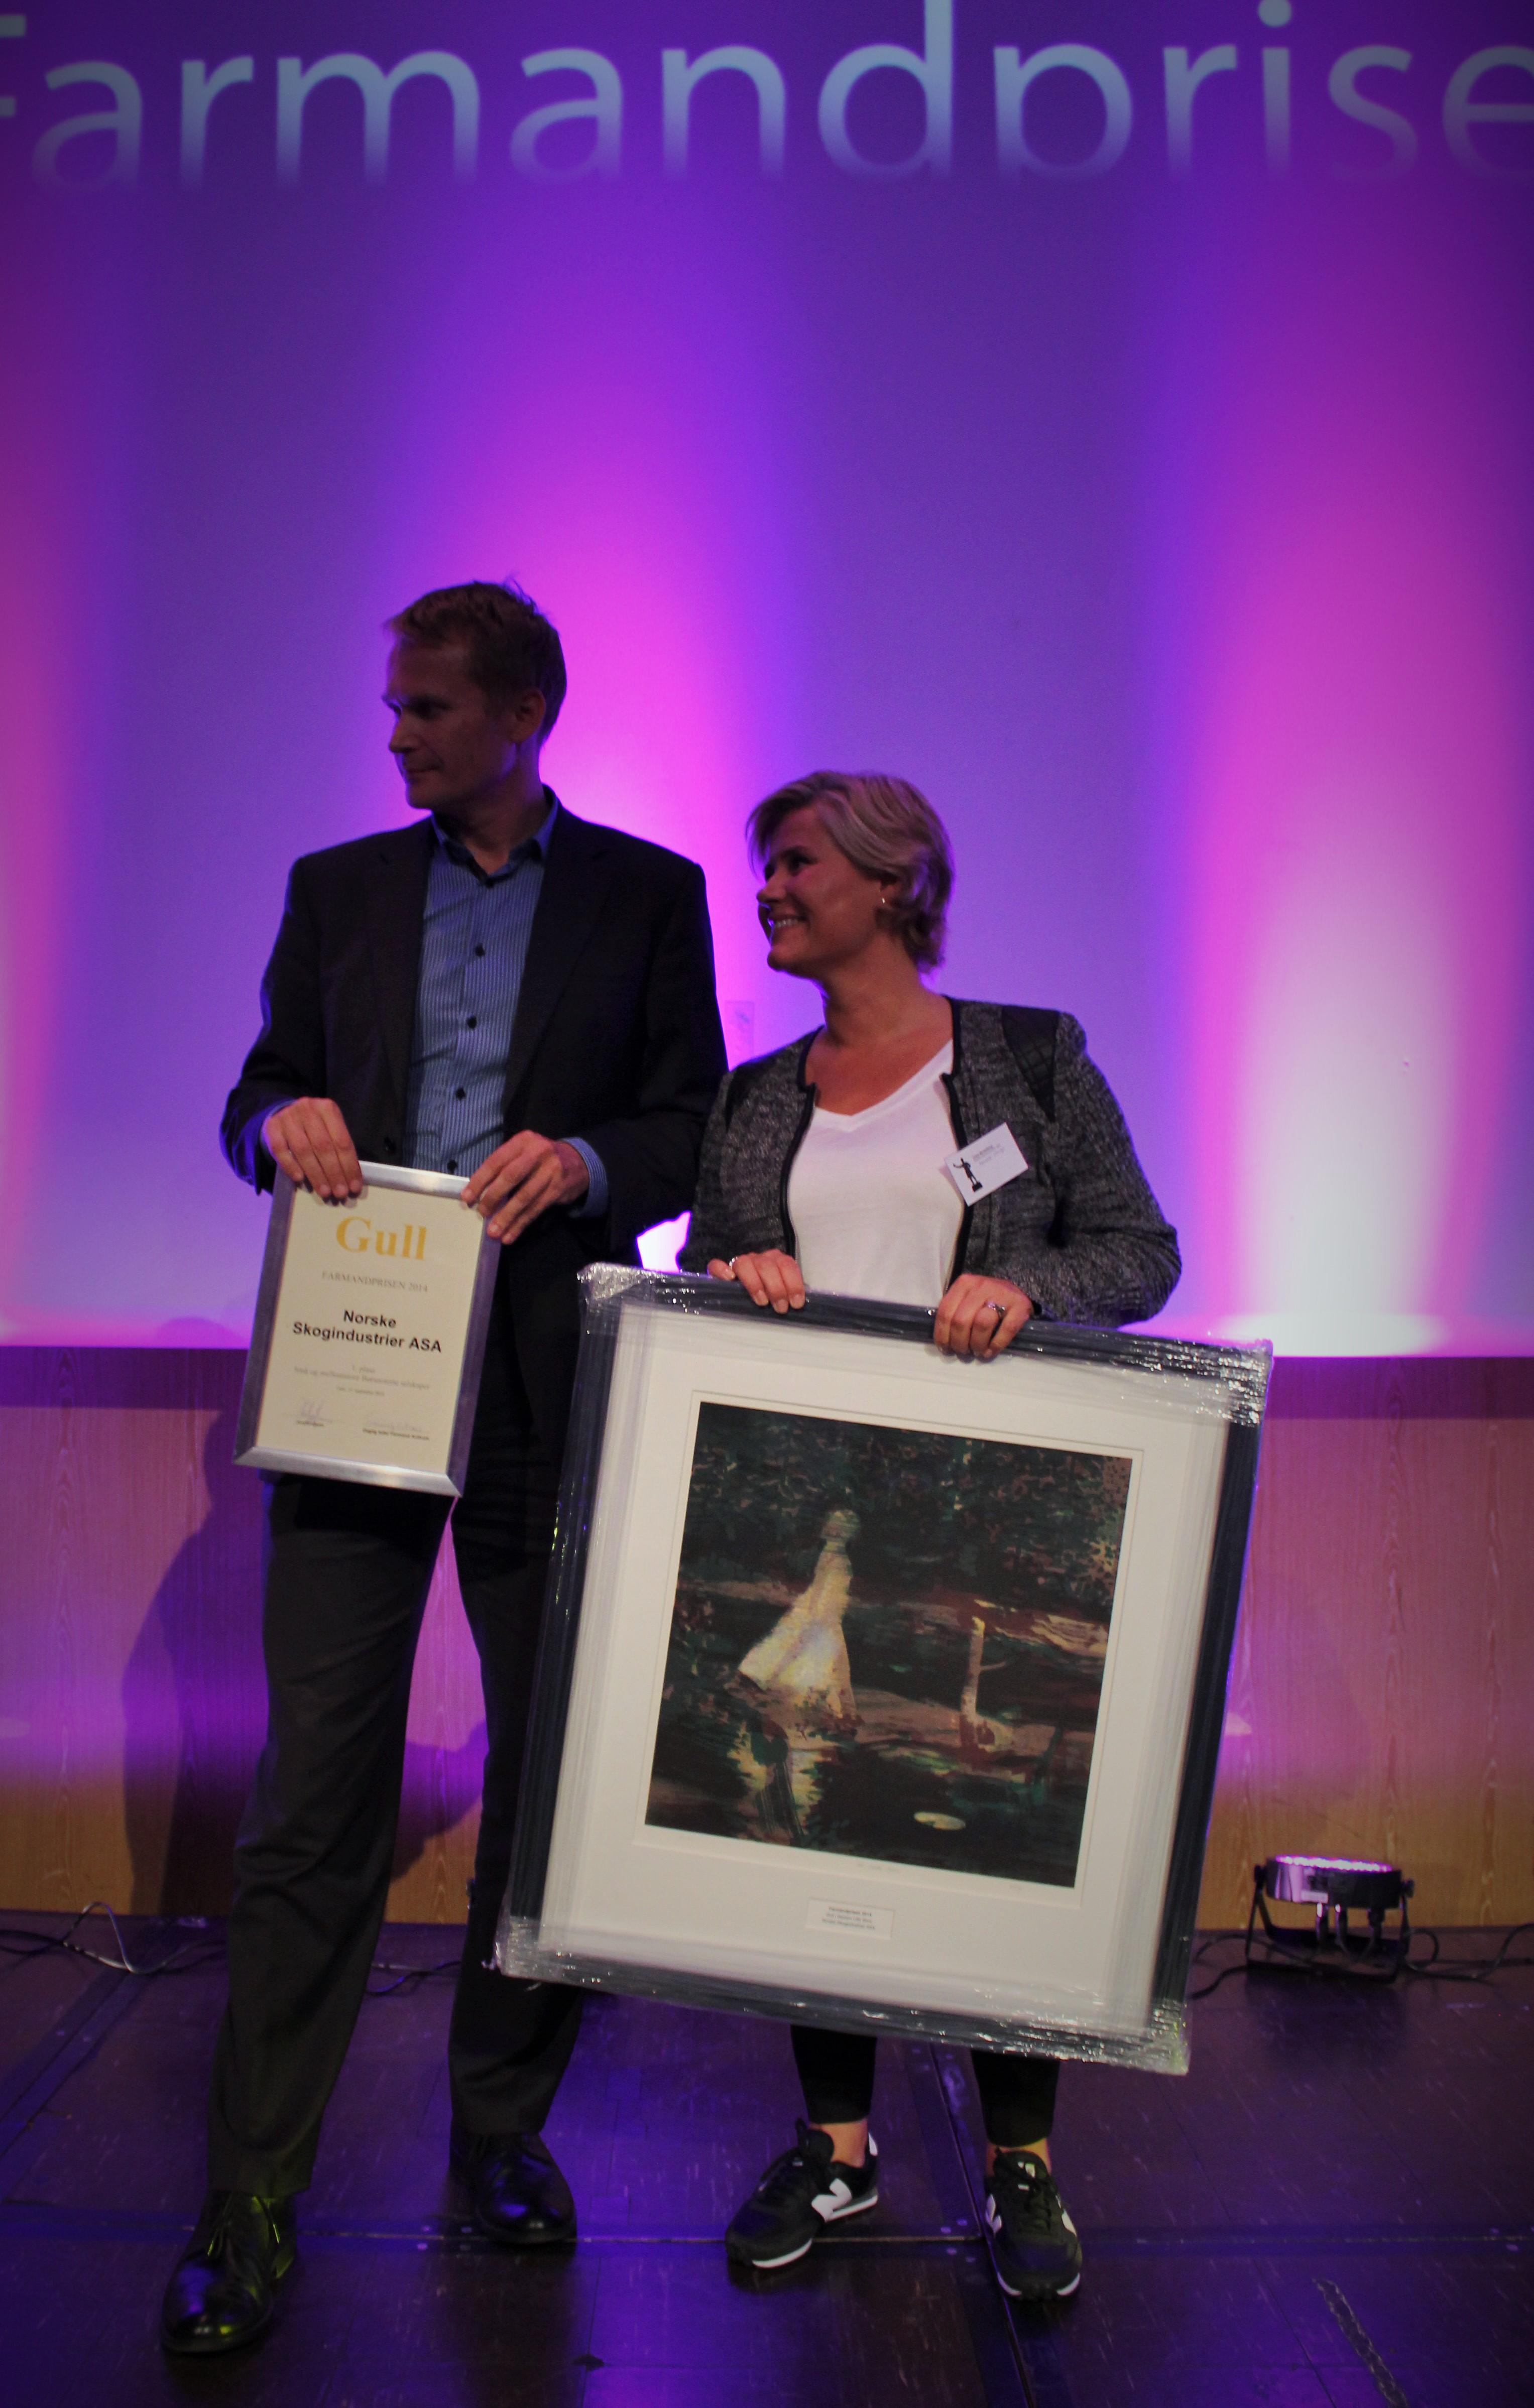 Farmandprisen Beste Årsrapport 2014 - Små og mellomstore børsnoterte selskaper nr 1: Norske Skogindustrier ASA